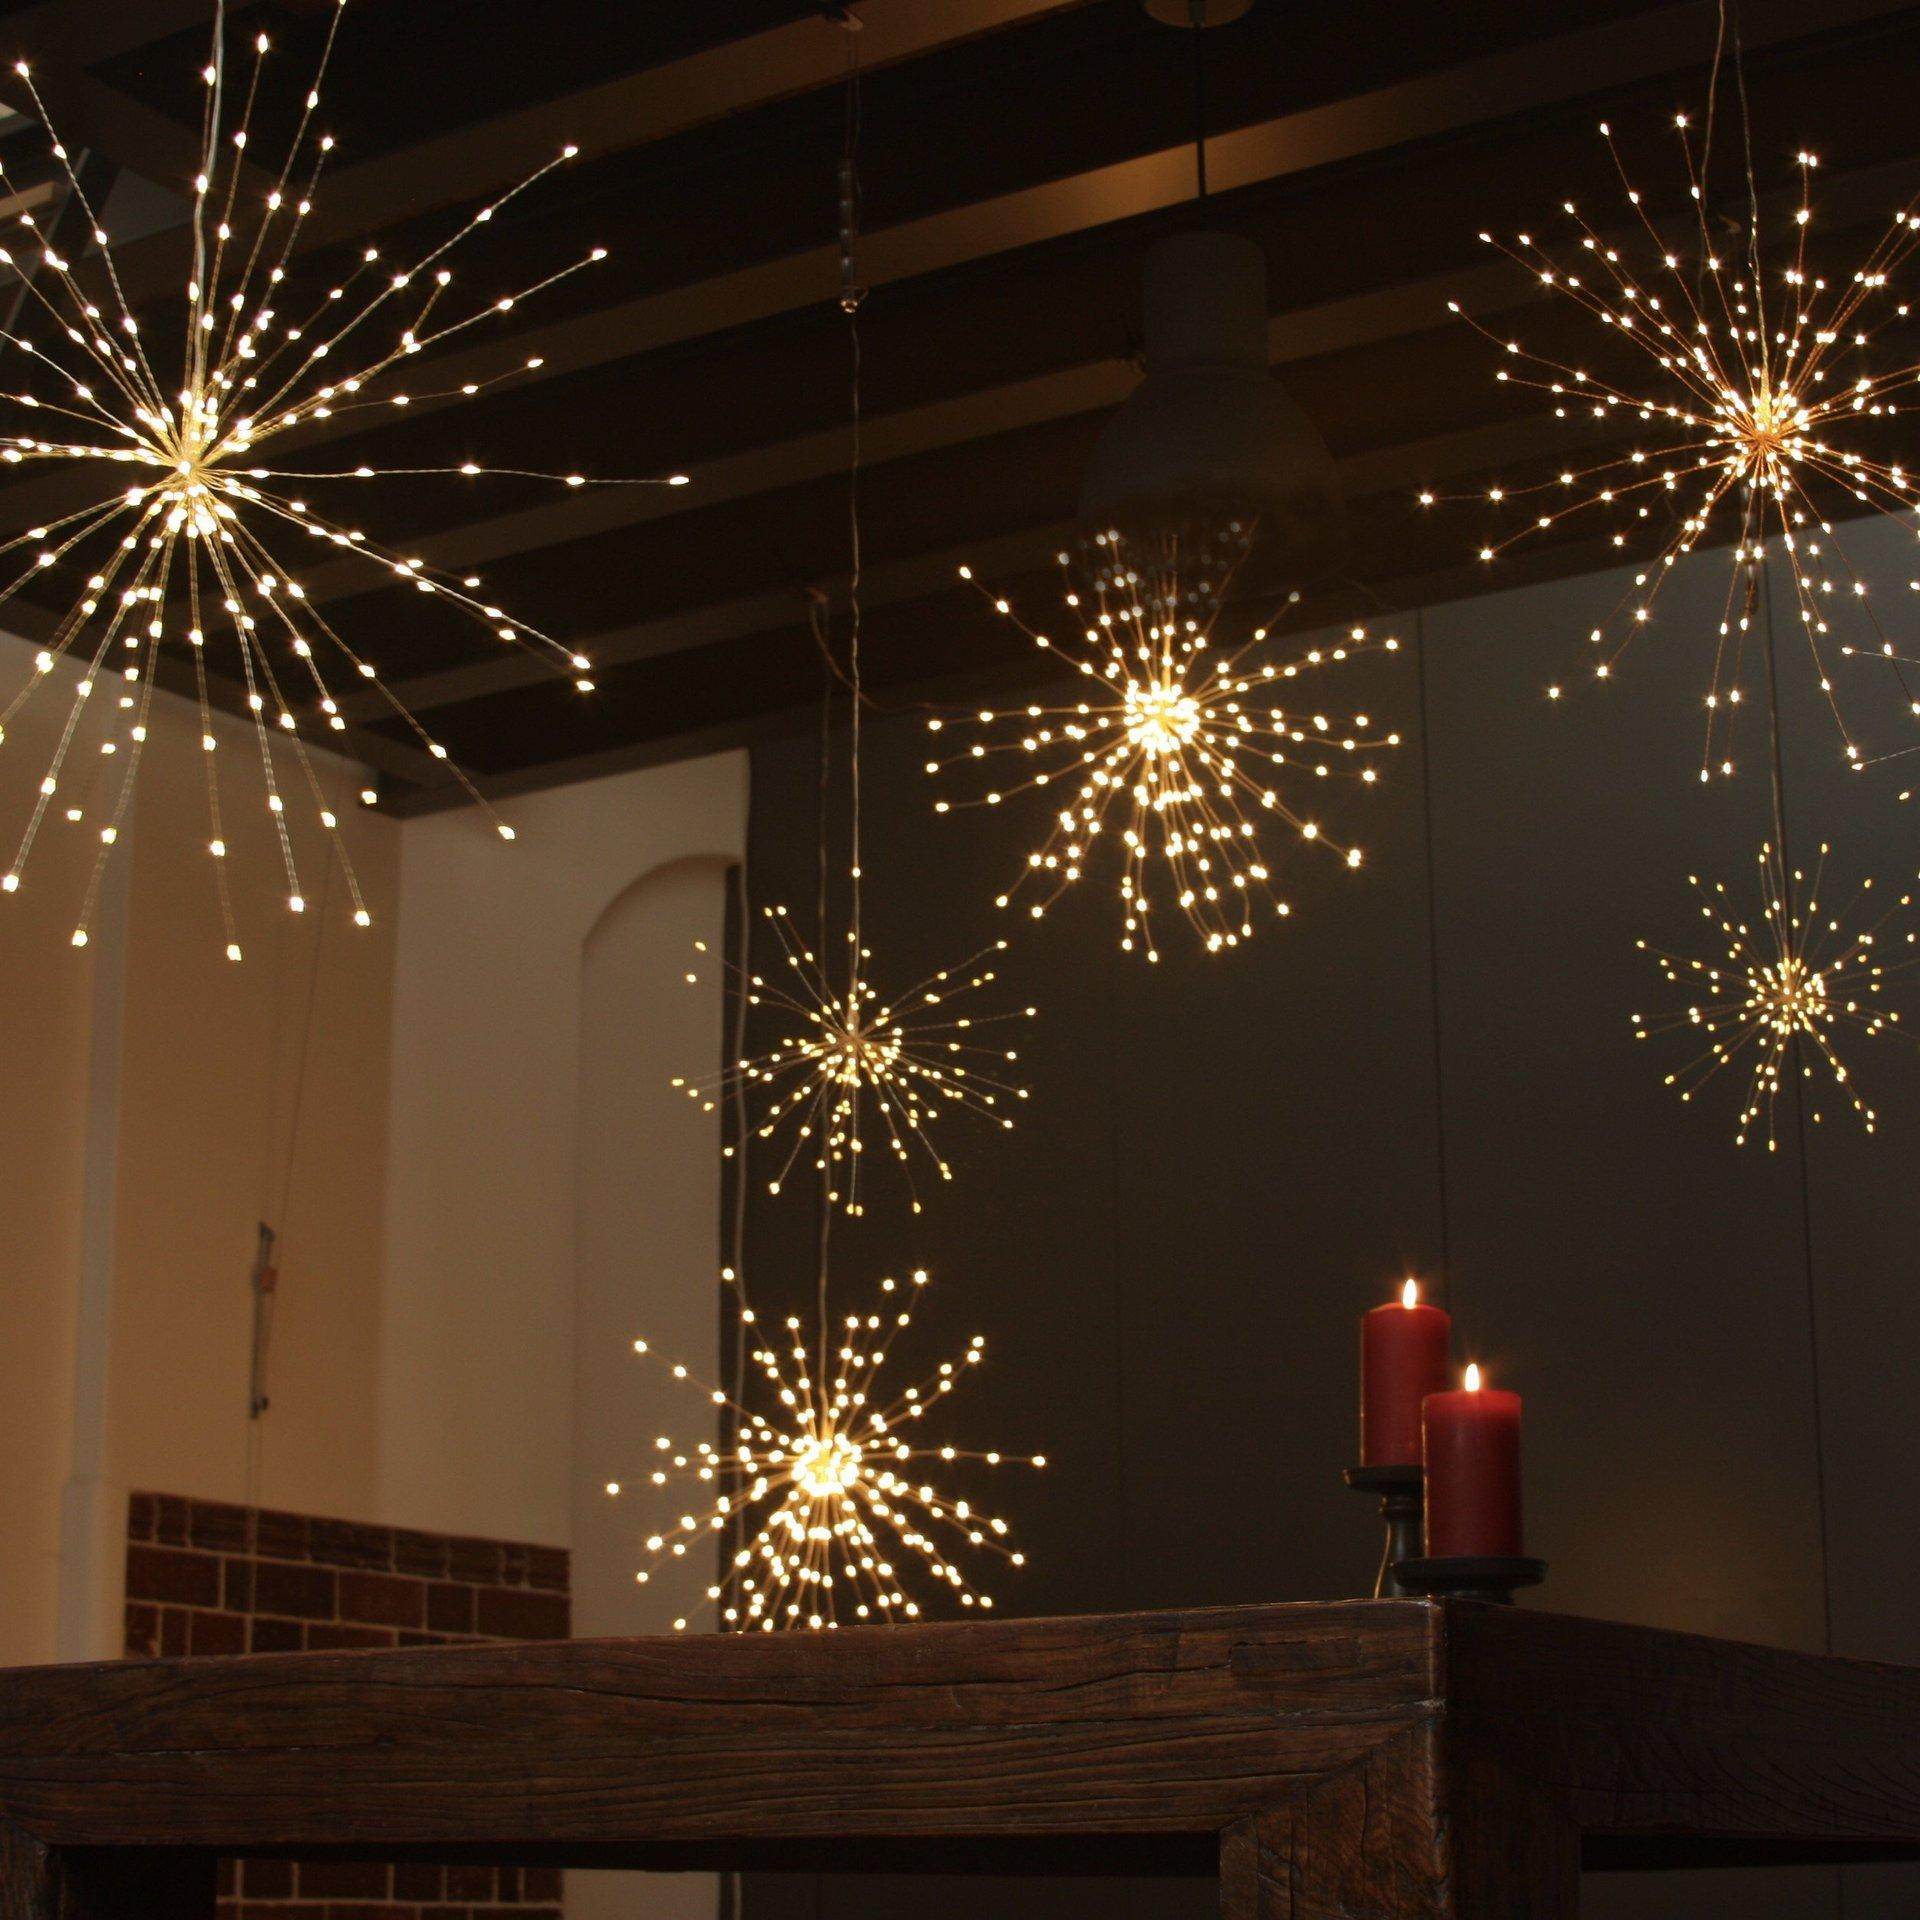 الألعاب النارية أضواء سلسلة الشمسية 200 الصمام المصباح الشمسي 8 وضع أدى أضواء التحكم عن الديكور عيد الميلاد ضوء للحزب عيد GGA2519